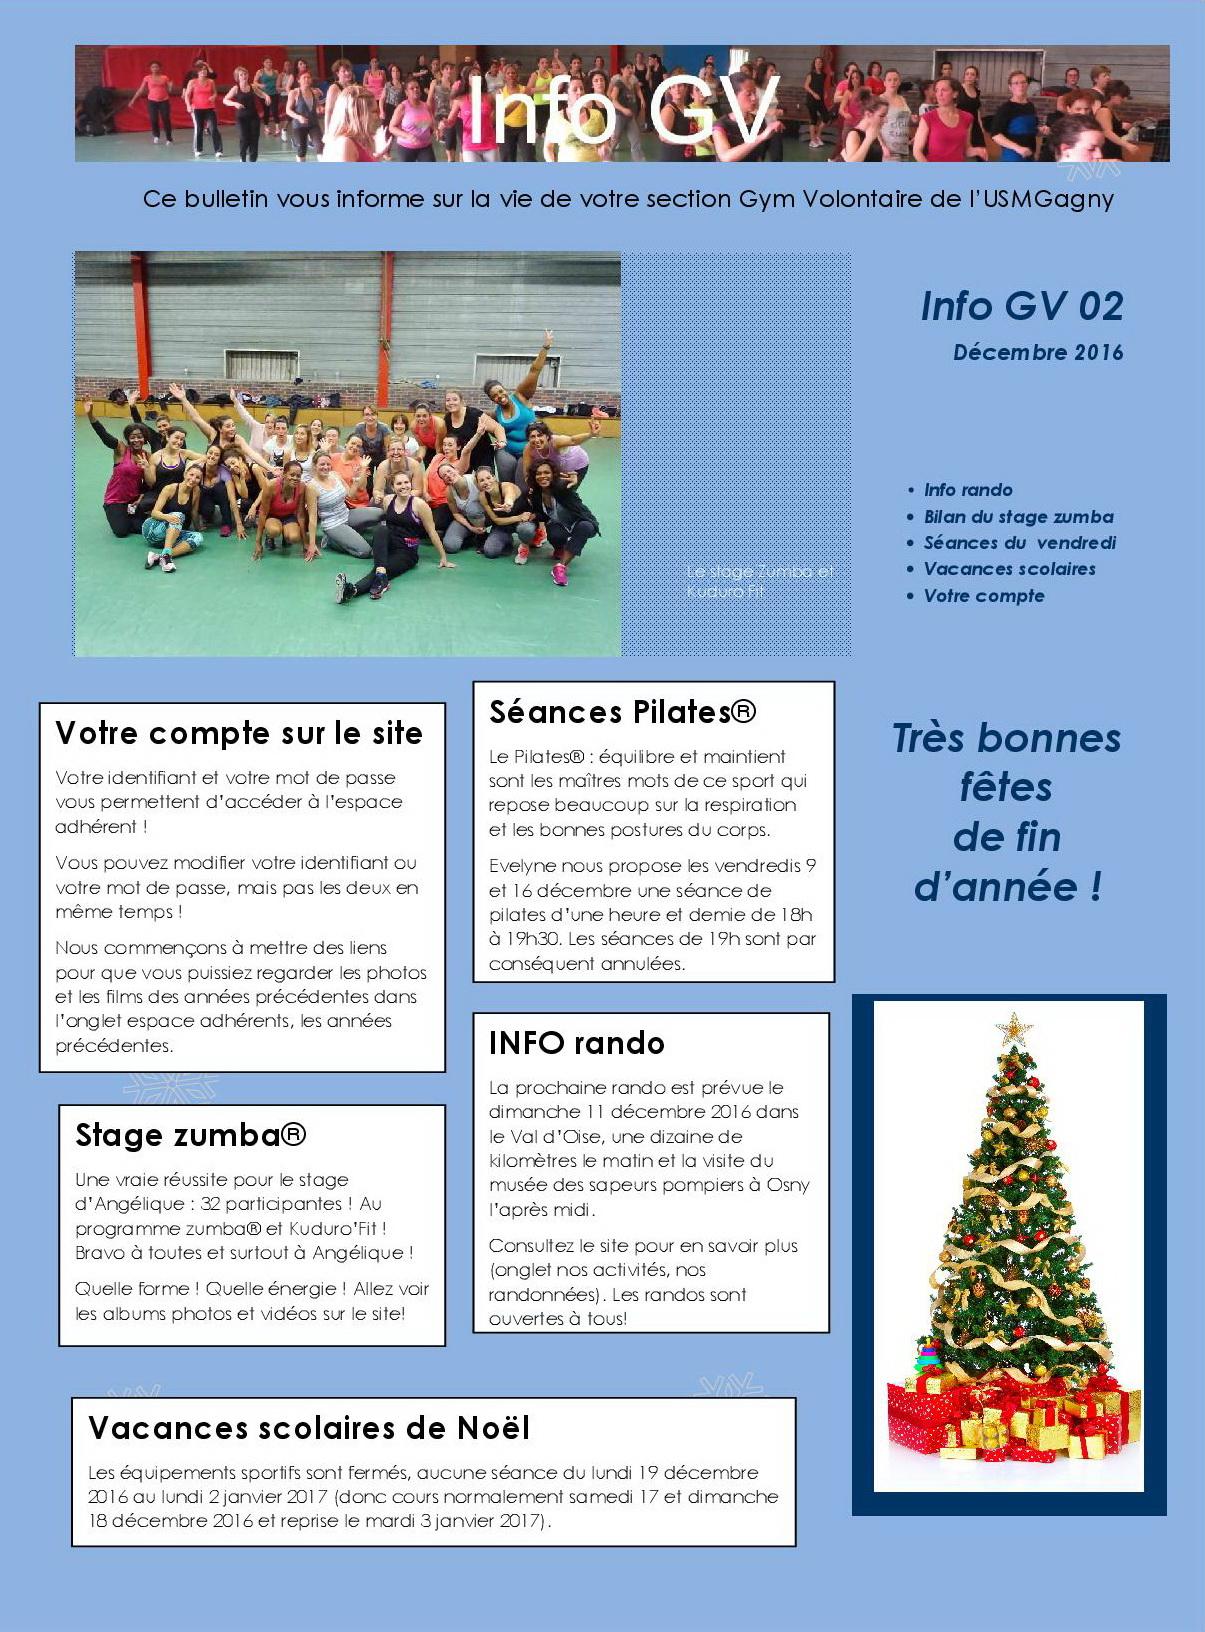 Info gv 02